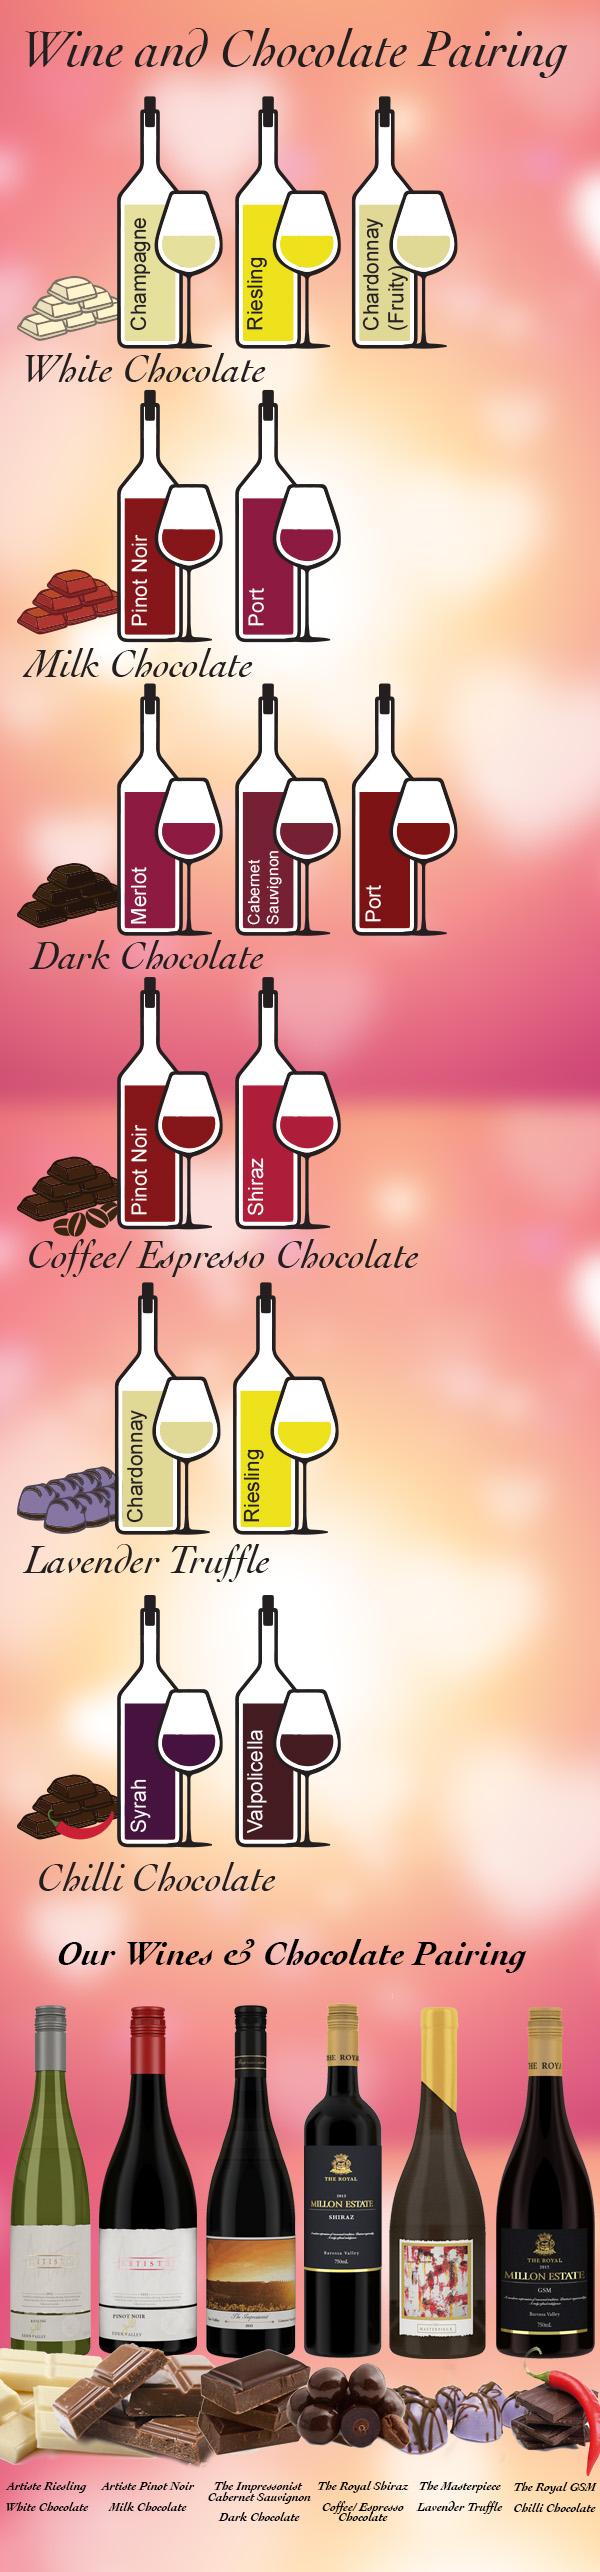 Wine & Choc-02.5.jpg